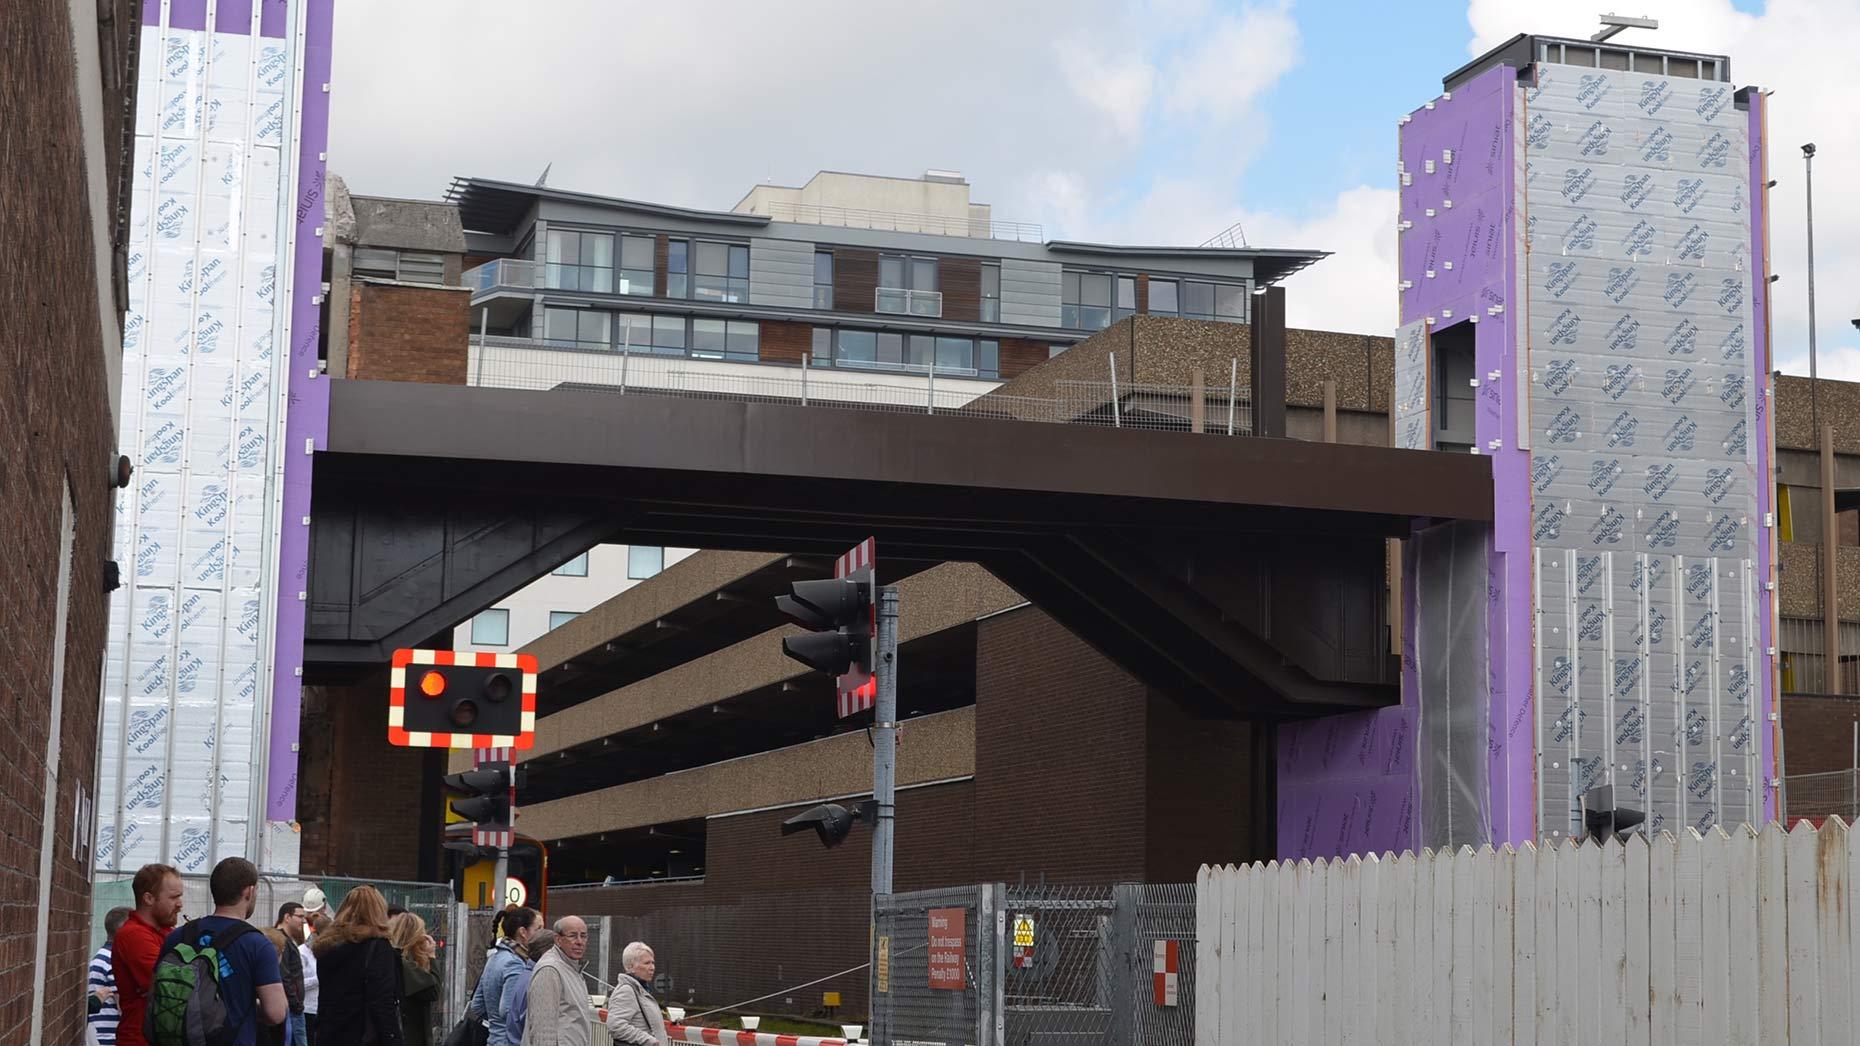 Work progressing on the High Street footbridge. Photo: Sarah Barker for The Lincolnite